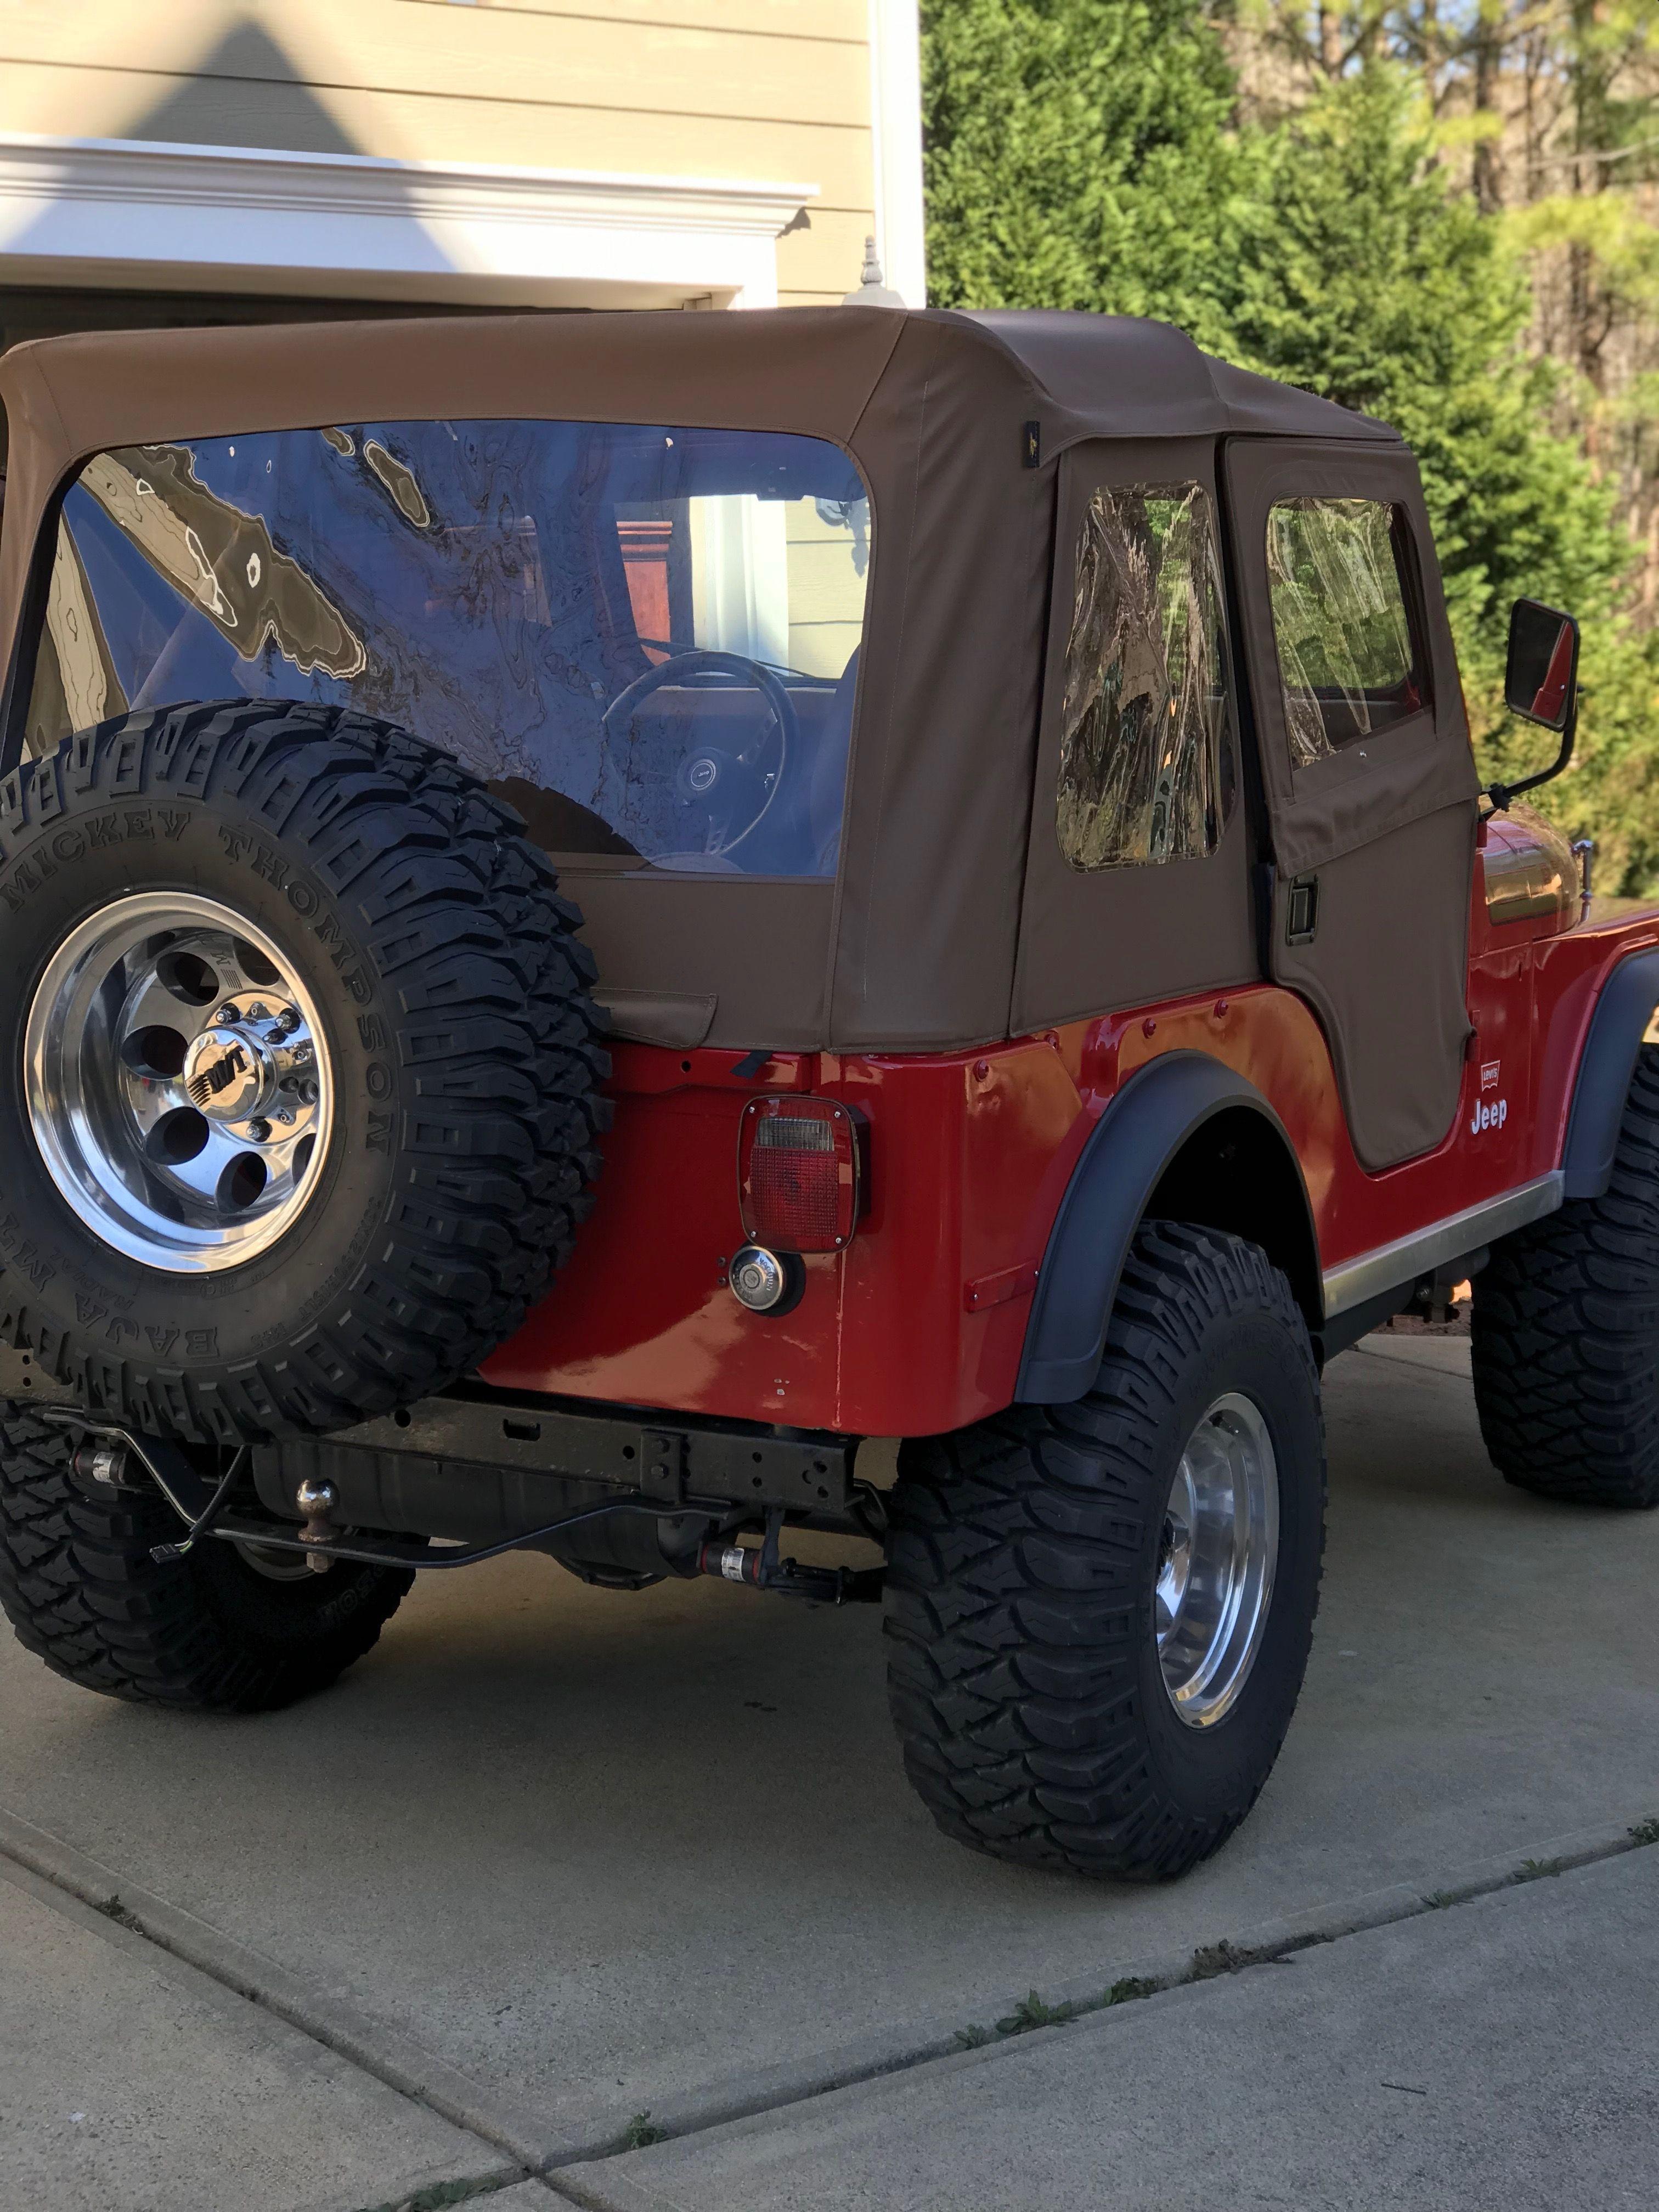 Cj5 Red With Tan Soft Top Jeep Cj7 Jeep Cj Jeep